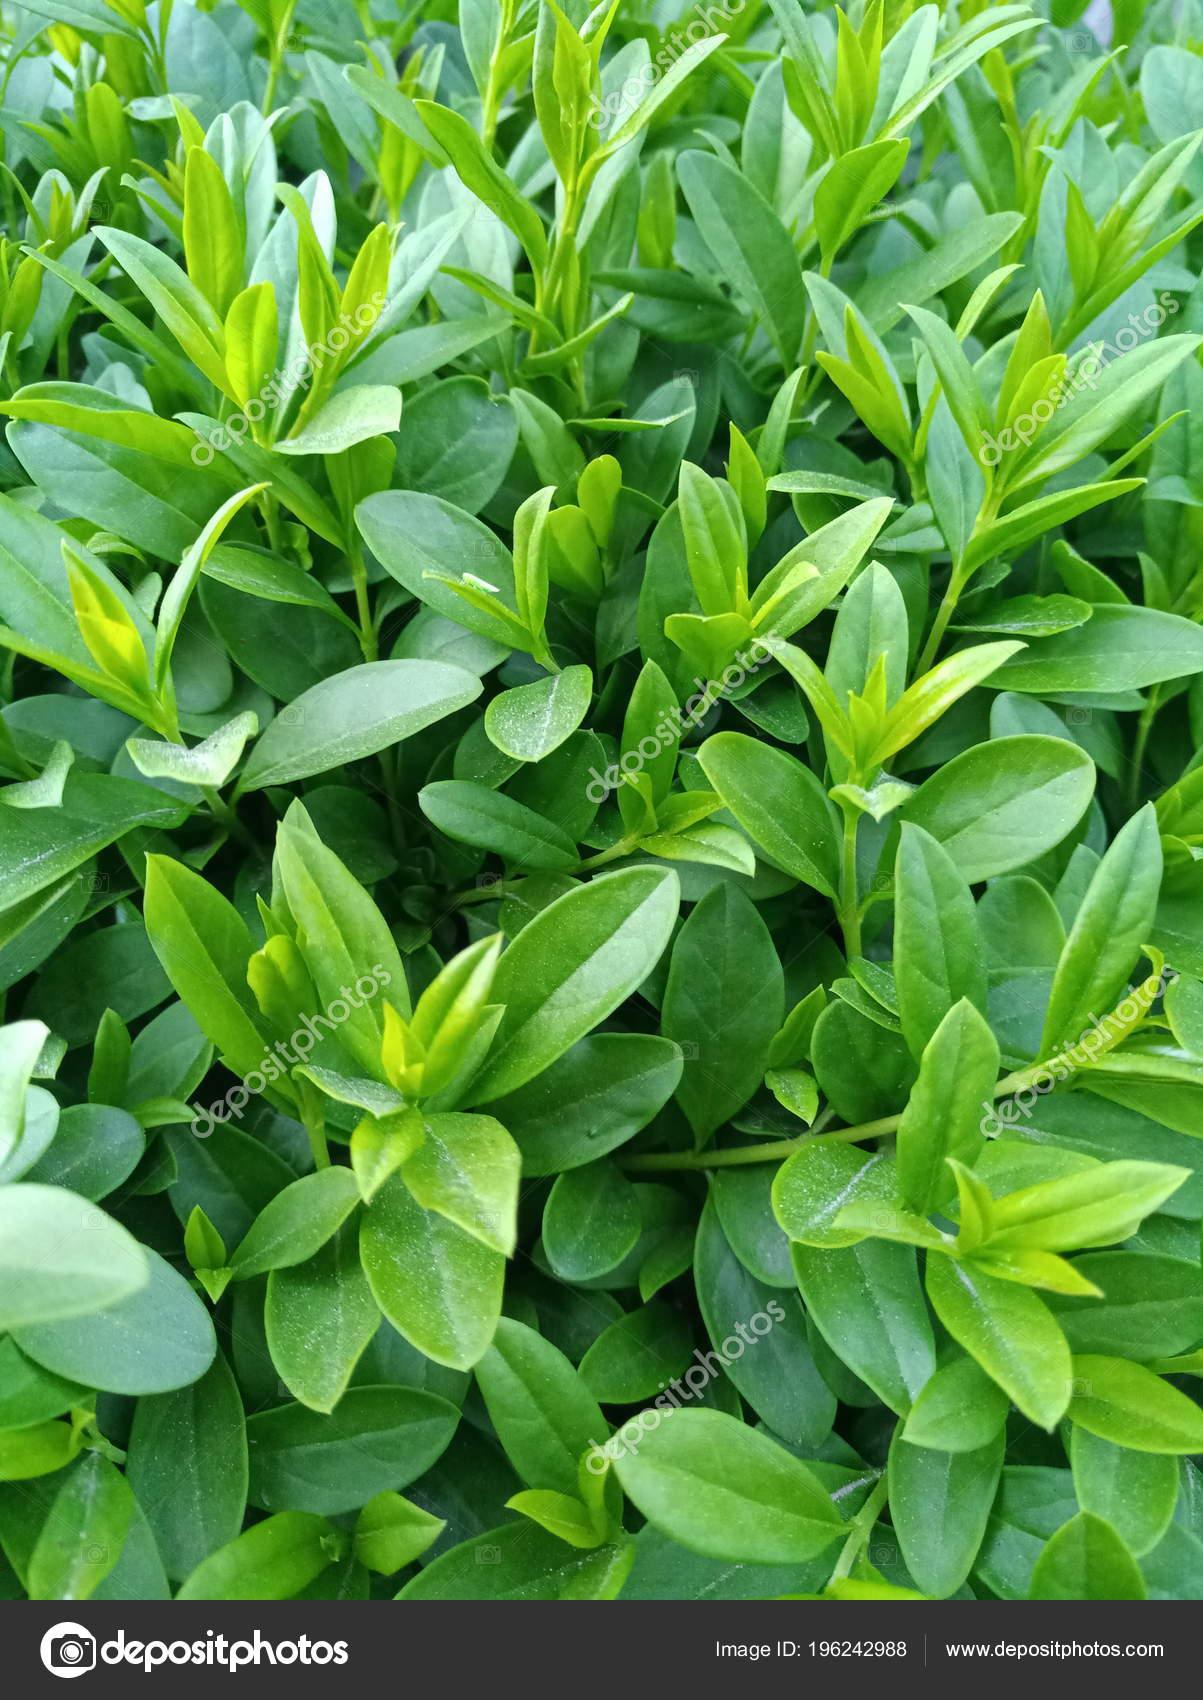 Bright Green Leafy Bush Stock Photo Image By C Julia0501 196242988